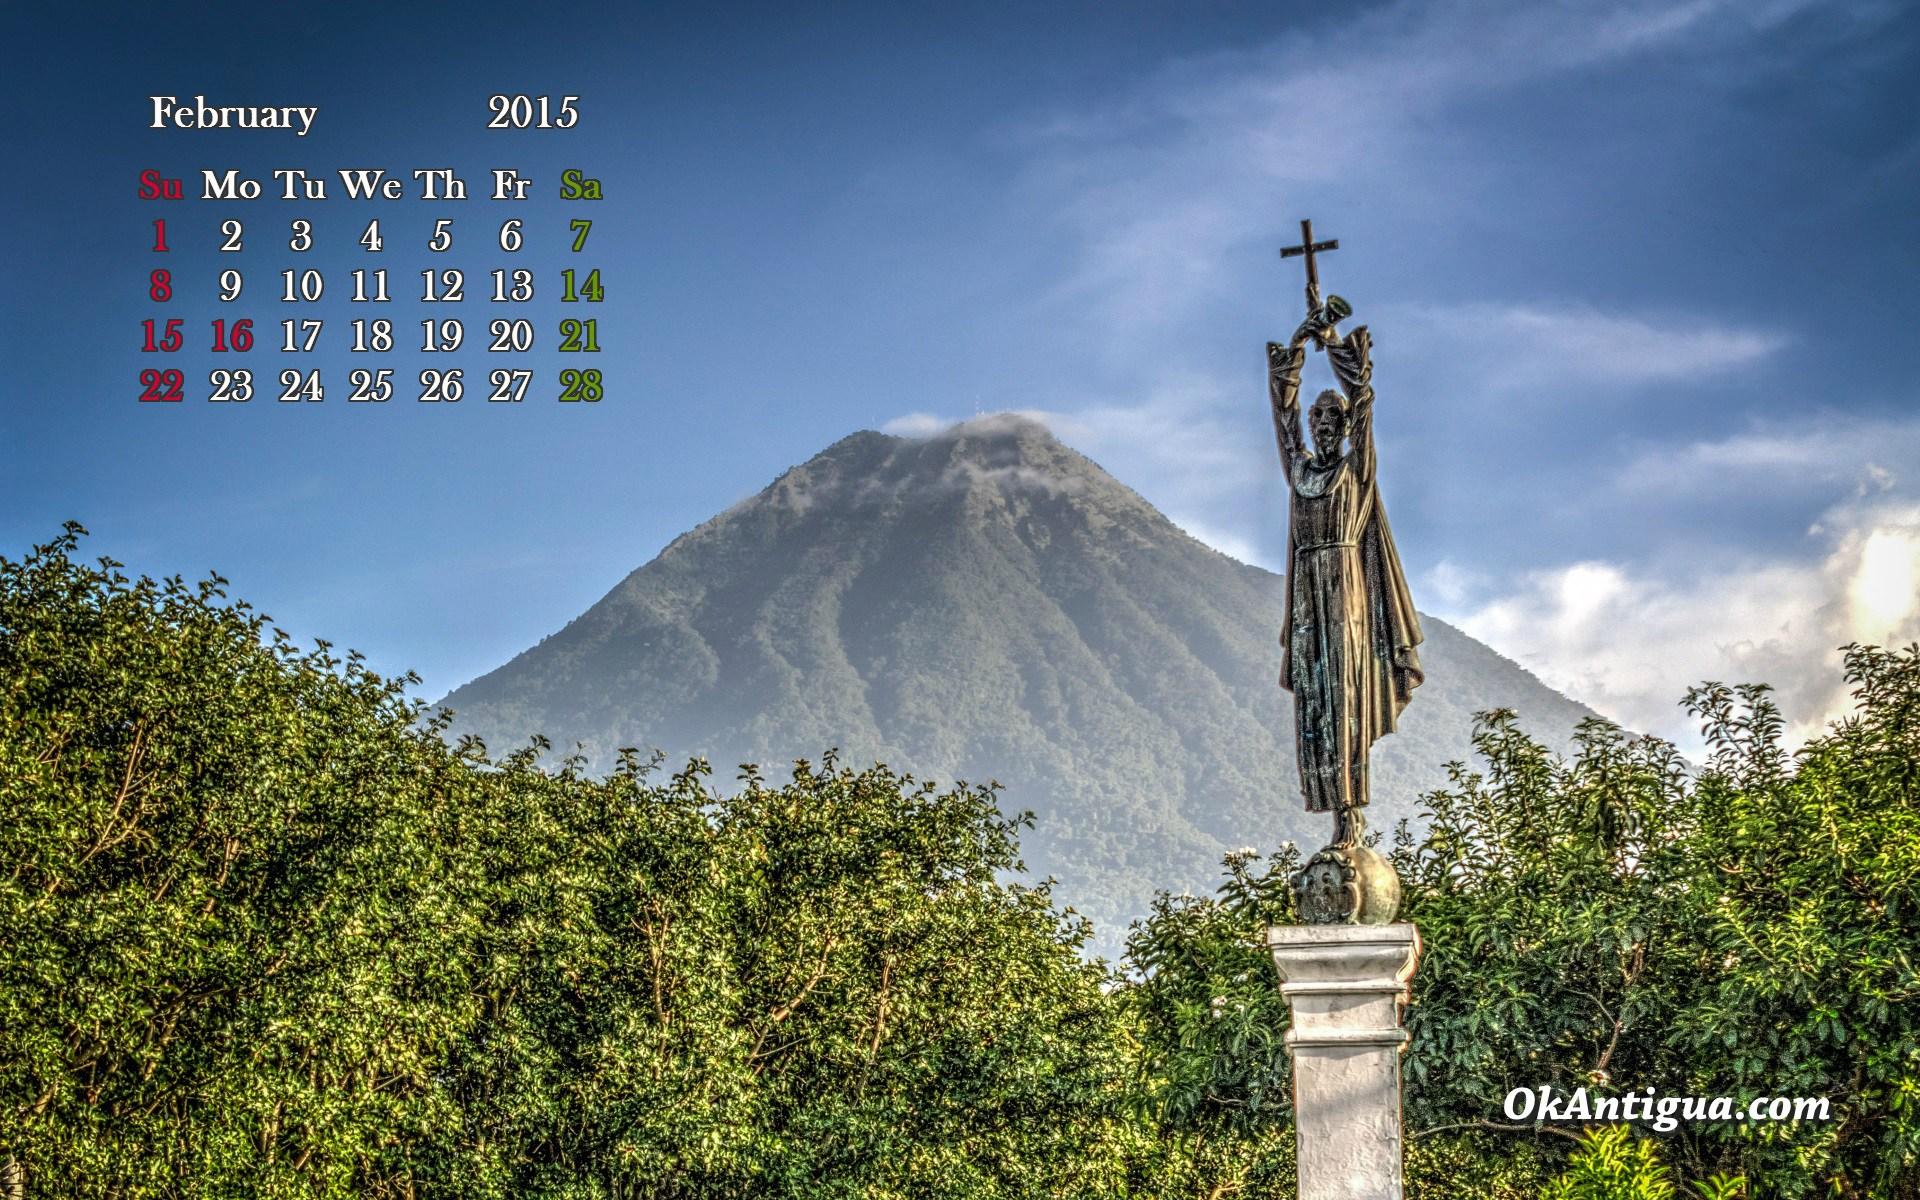 guatemala wallpapers wallpapersafari - photo #12